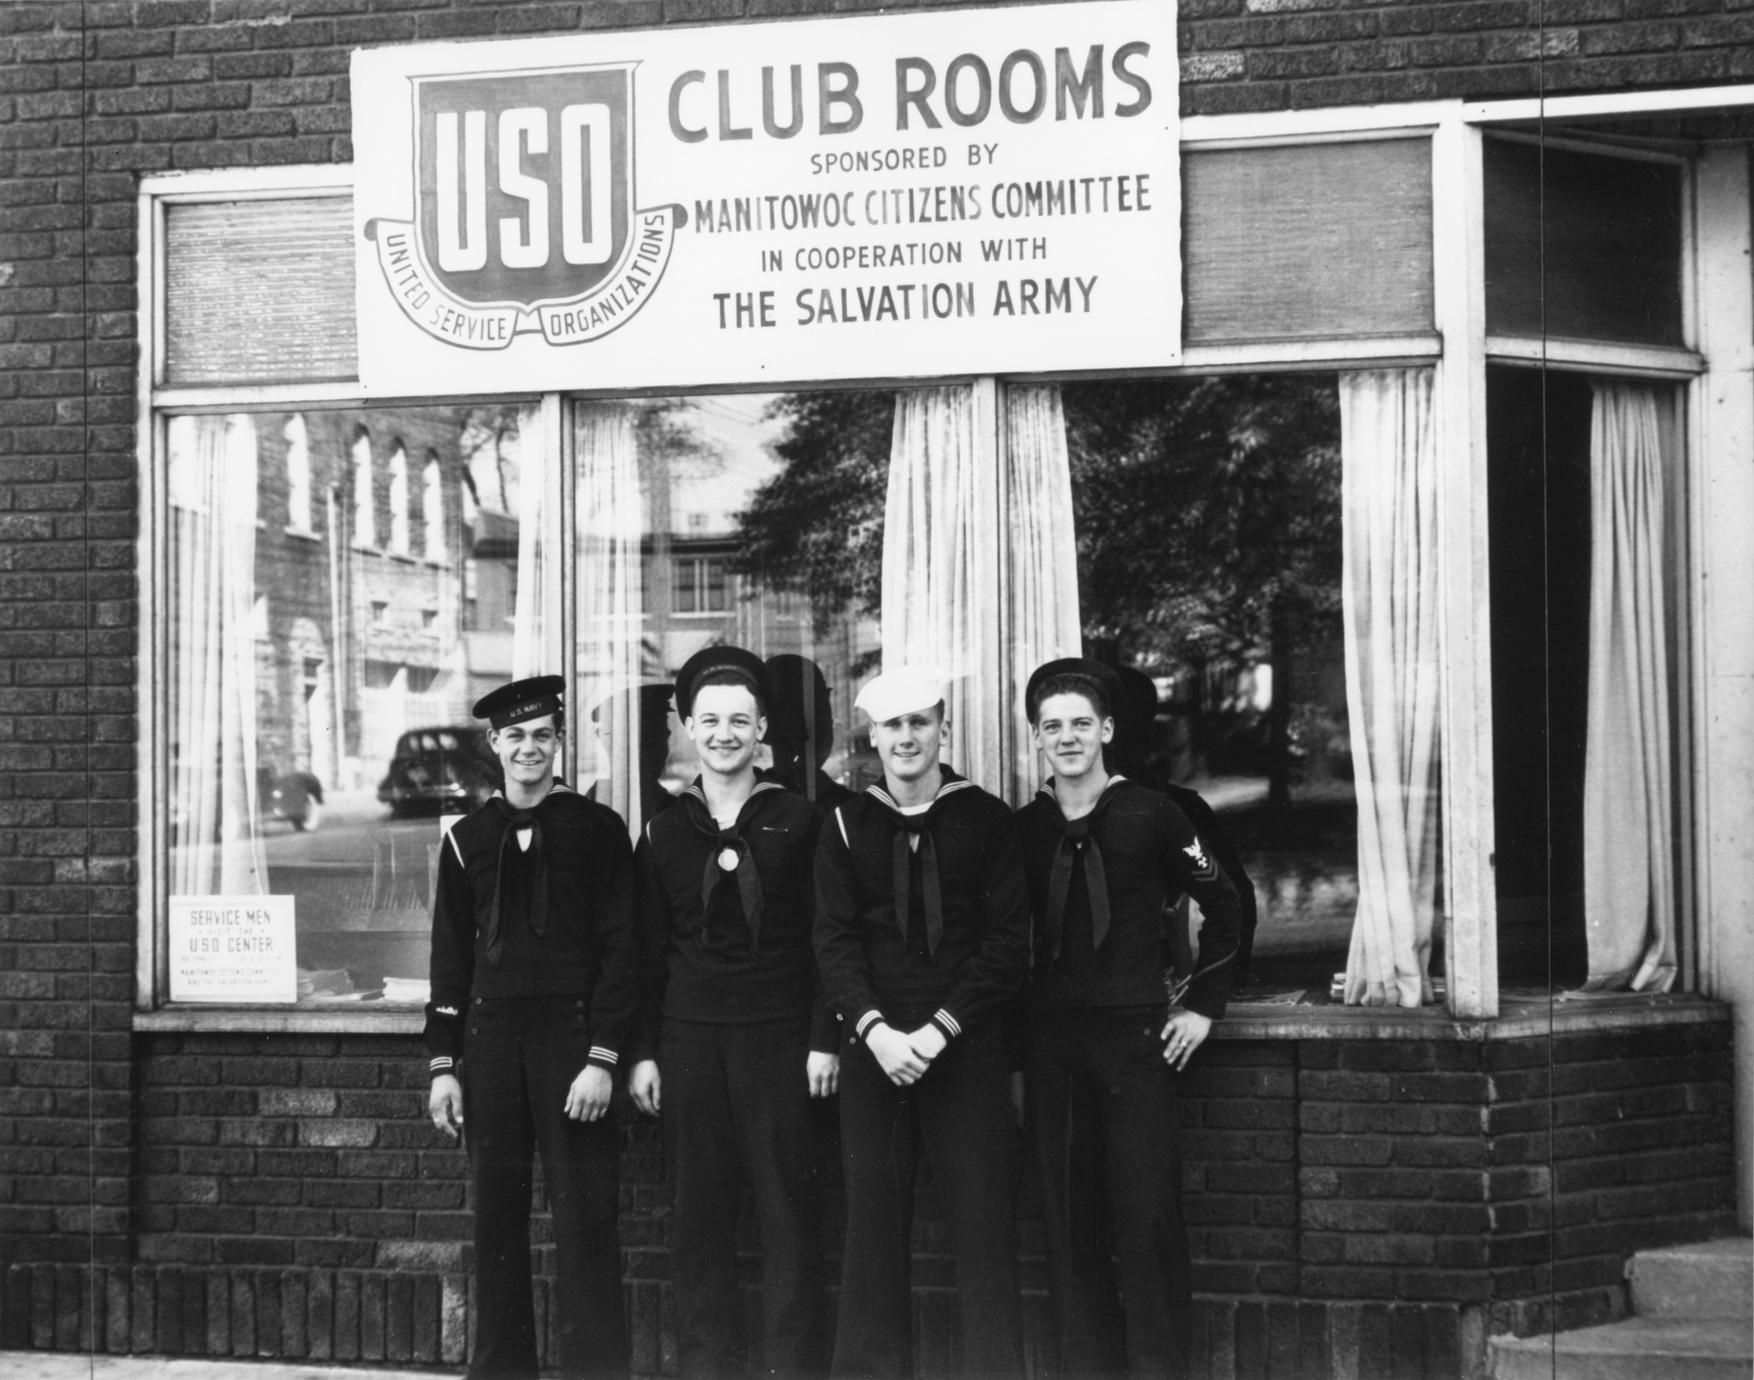 USO Club, Manitowoc, WI